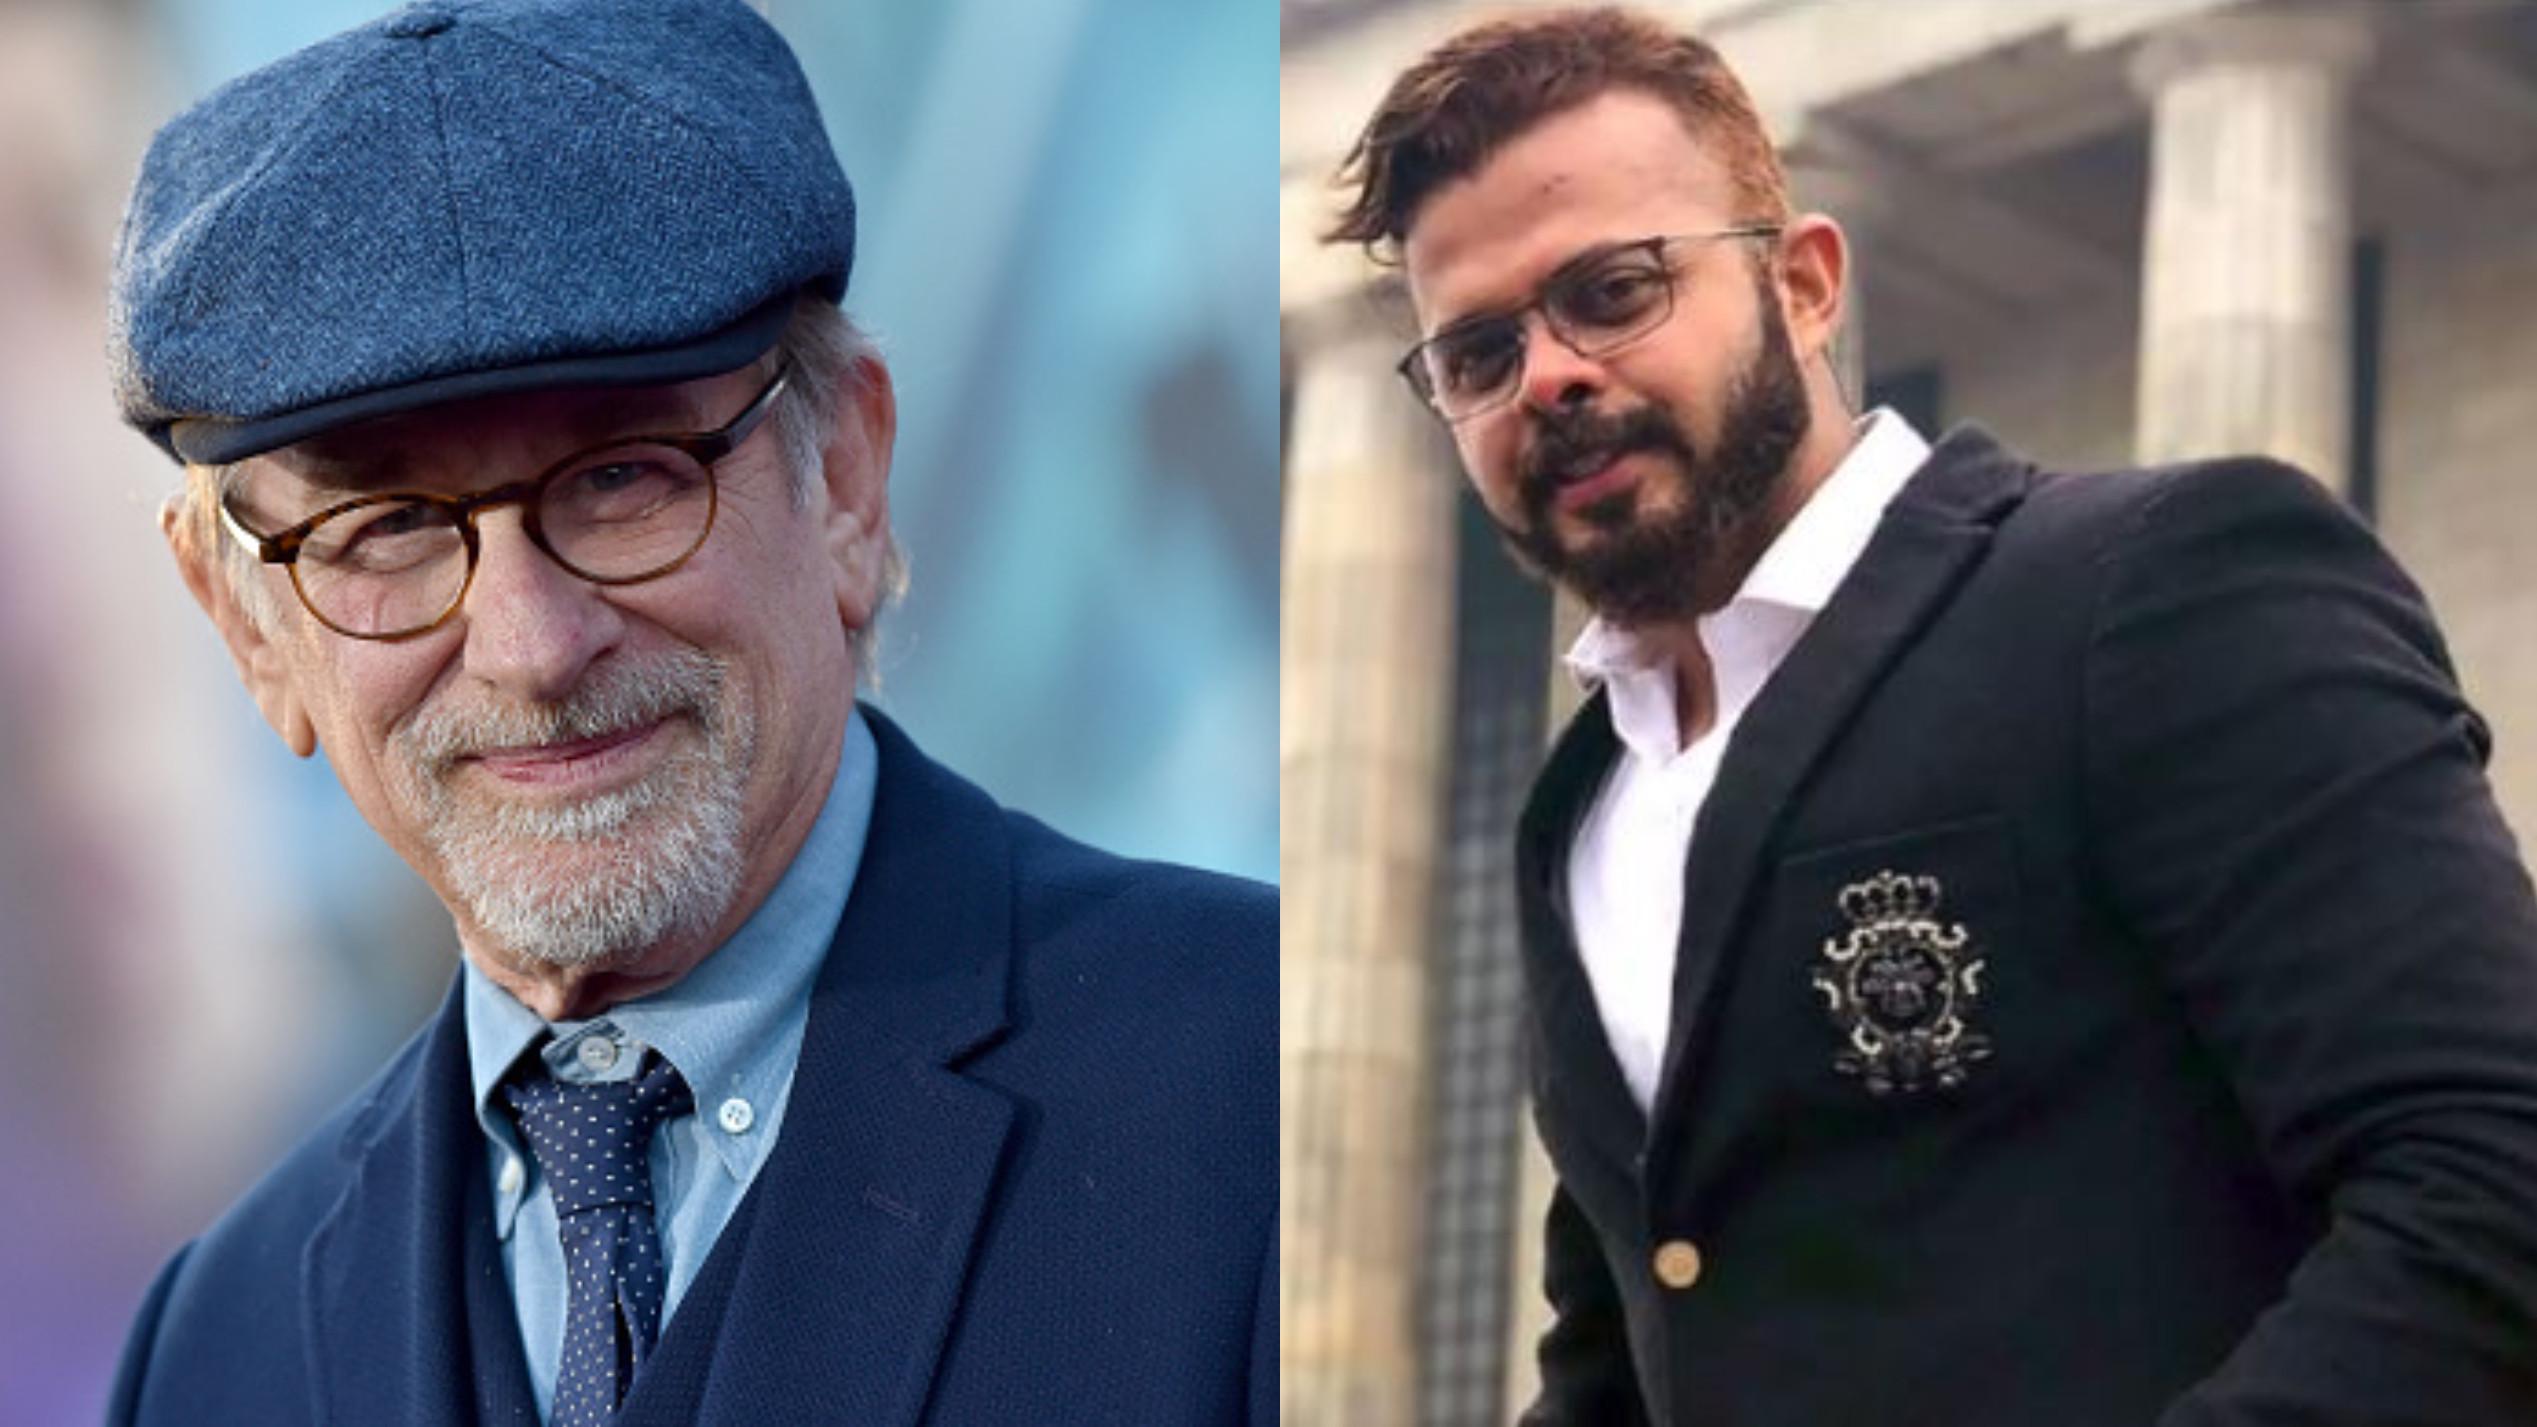 श्रीसंत ने हॉलीवुड के फिल्मकार स्टीवन स्पीलबर्ग के साथ हॉलीवुड फिल्म करने की जताई अपनी इच्छा